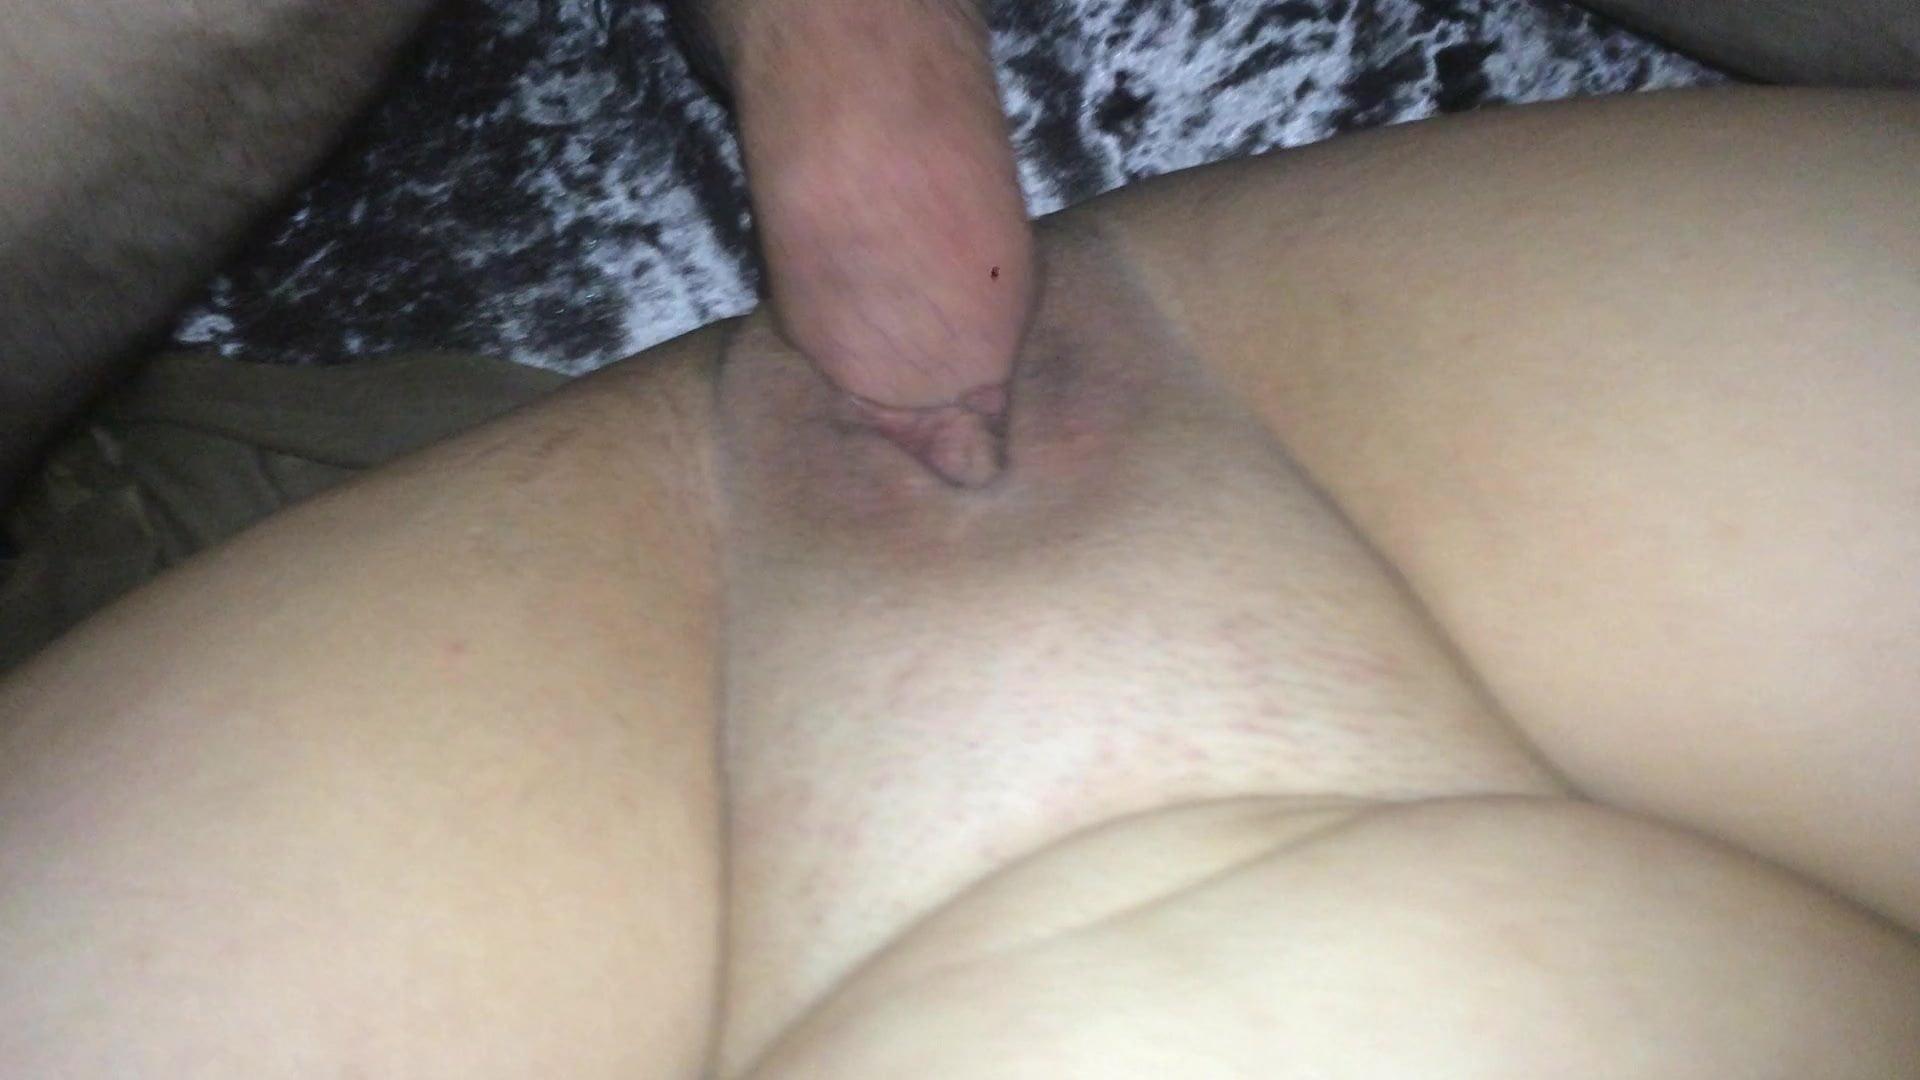 Amateur double penetrations images